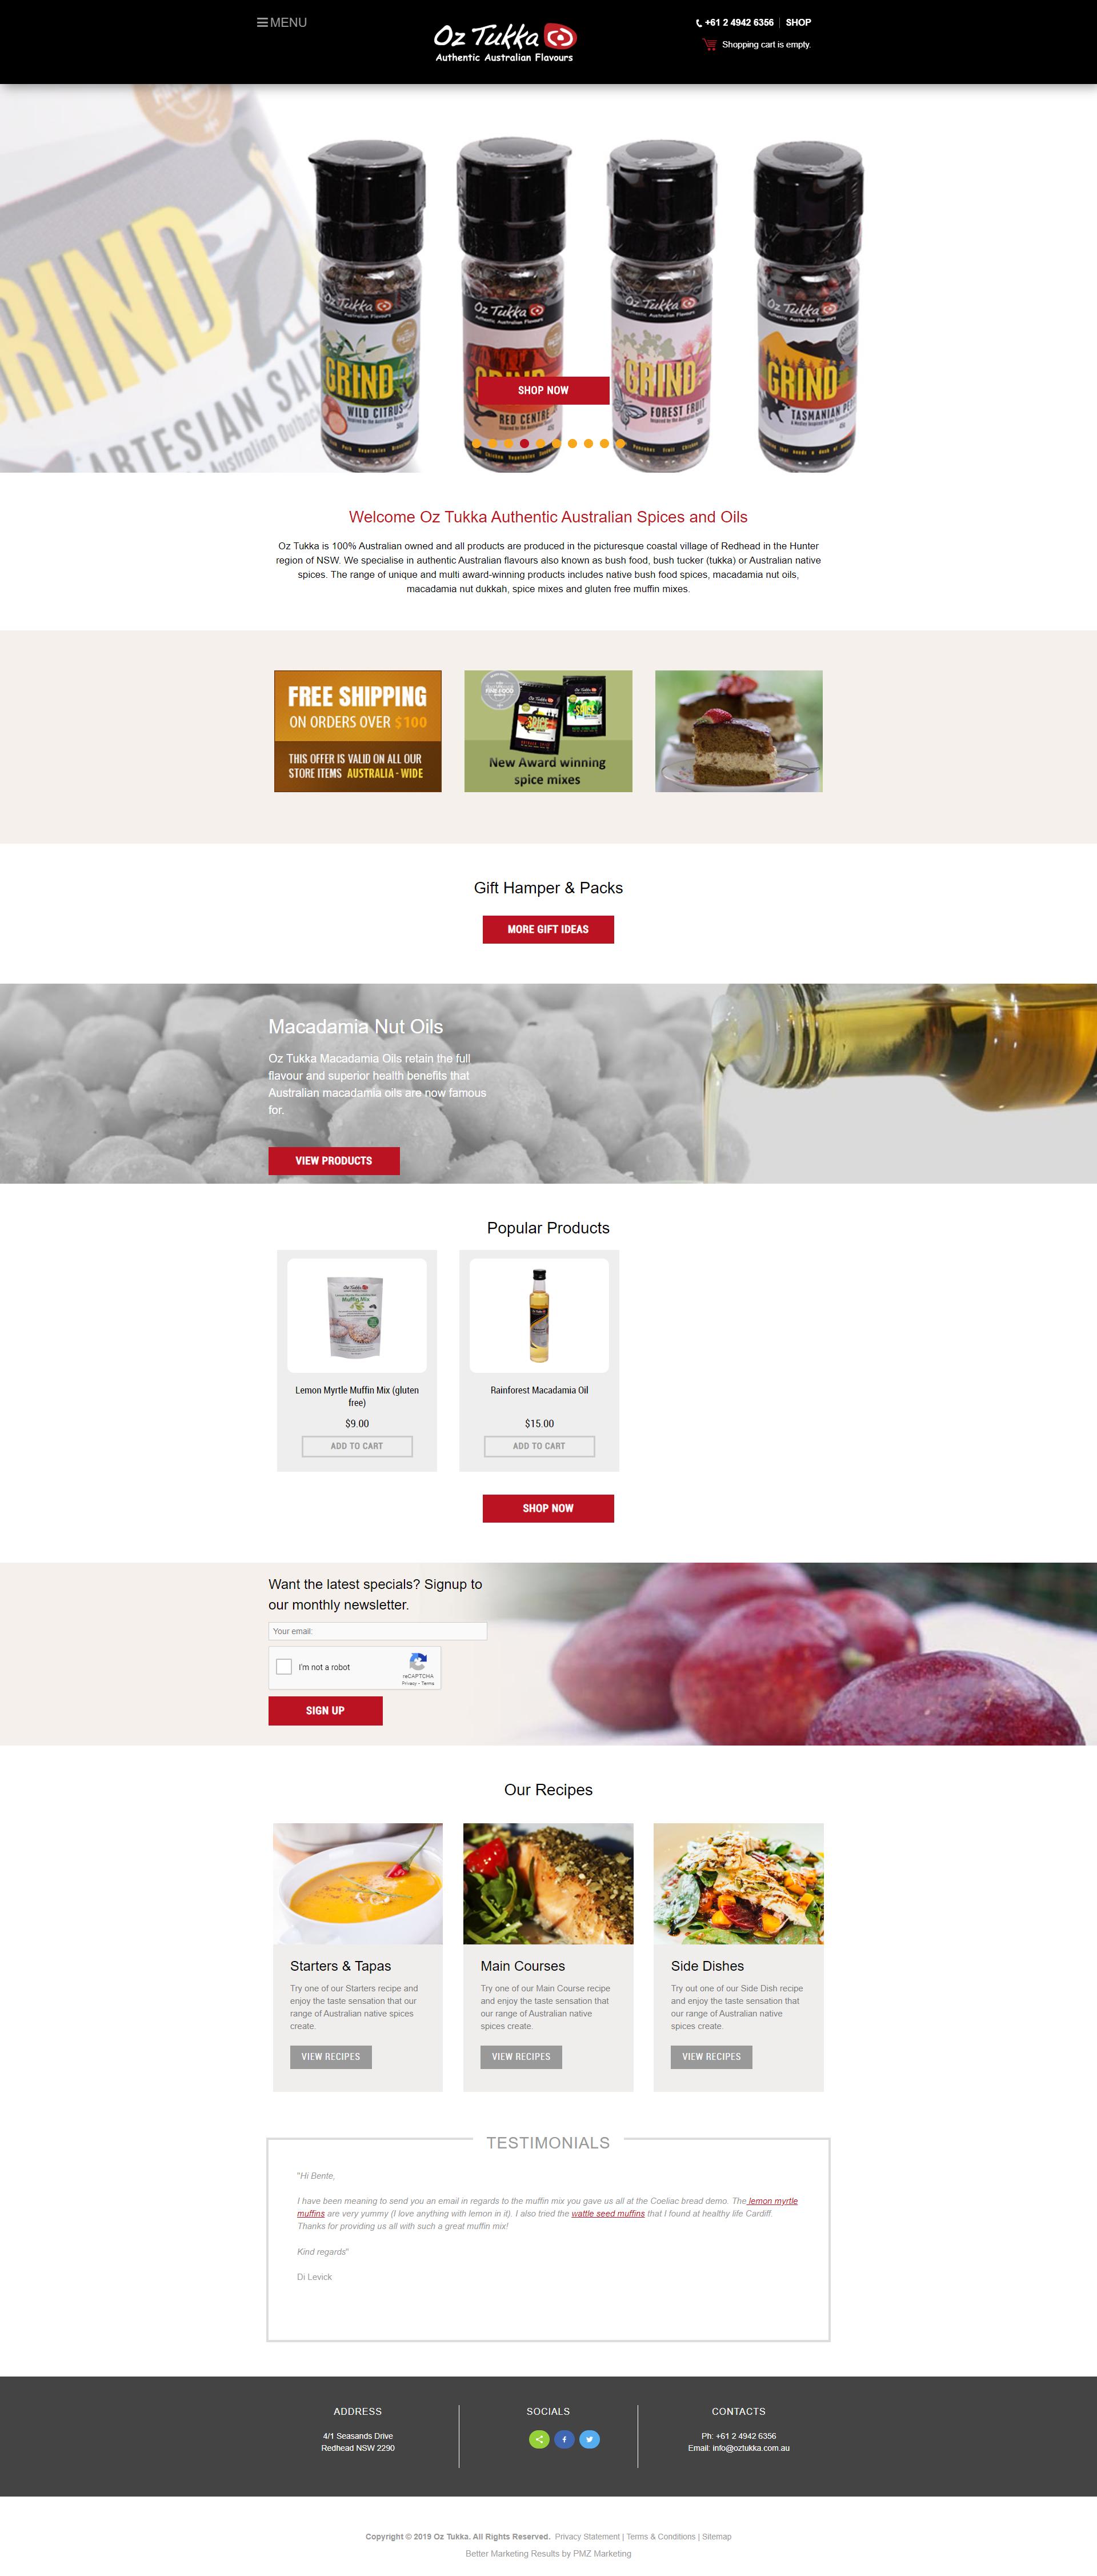 Oz Tukka Authentic Australian Favours & Spices :: PMZ Marketing